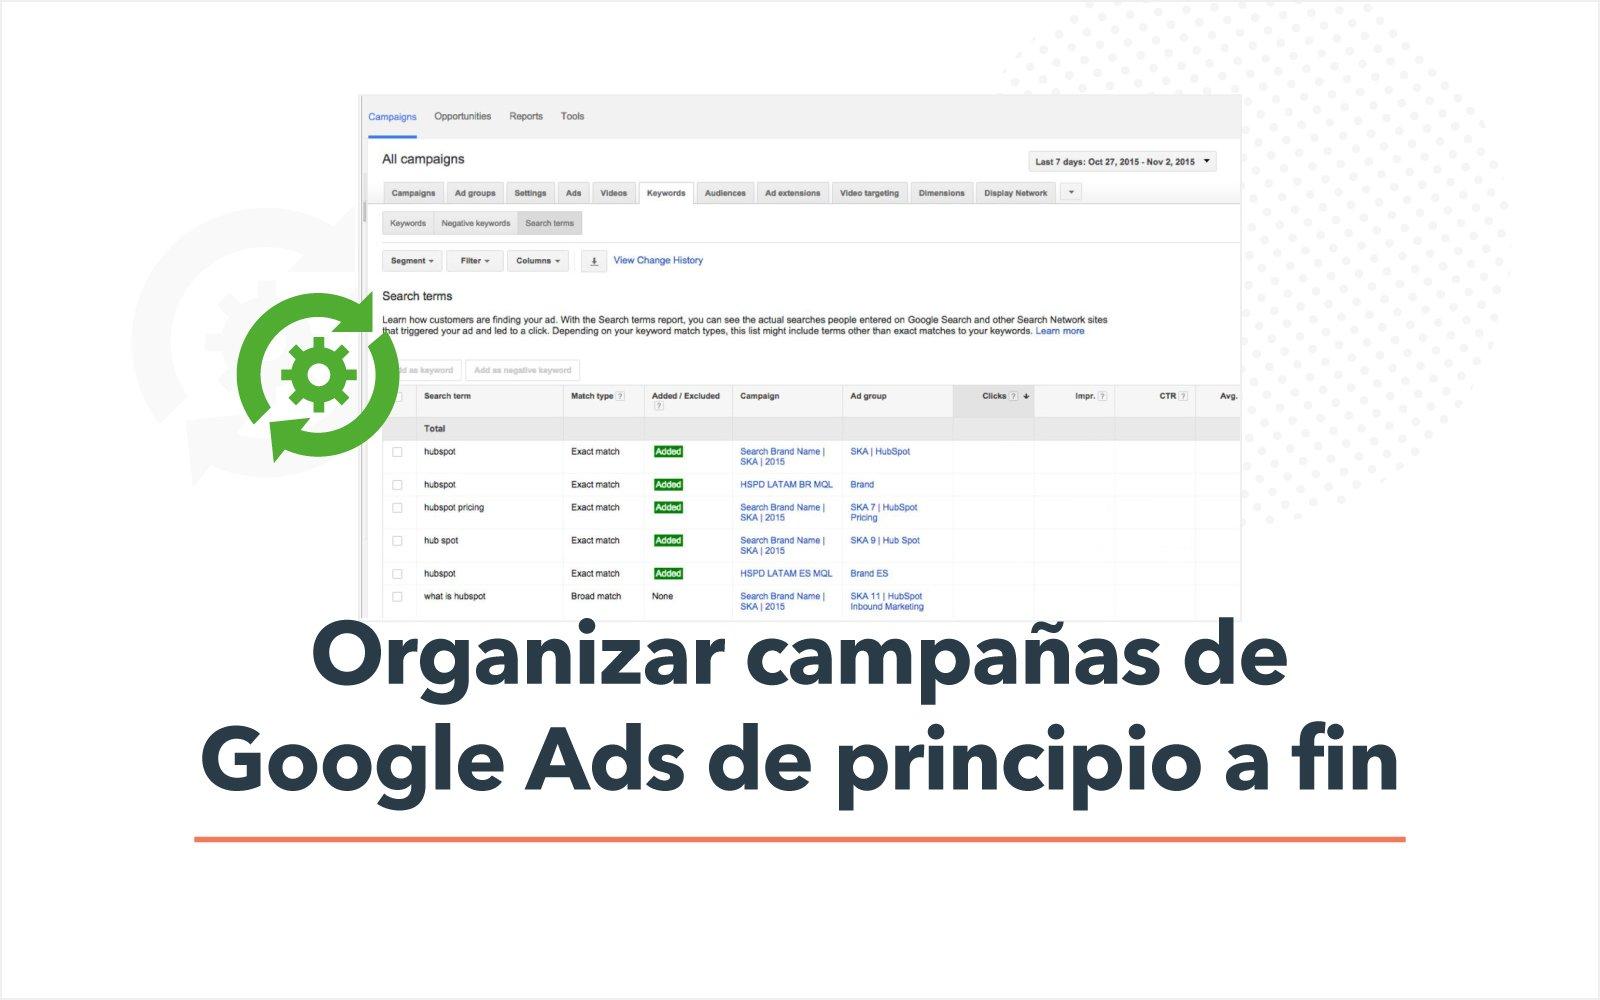 Cómo organizar campañas de Google Ads